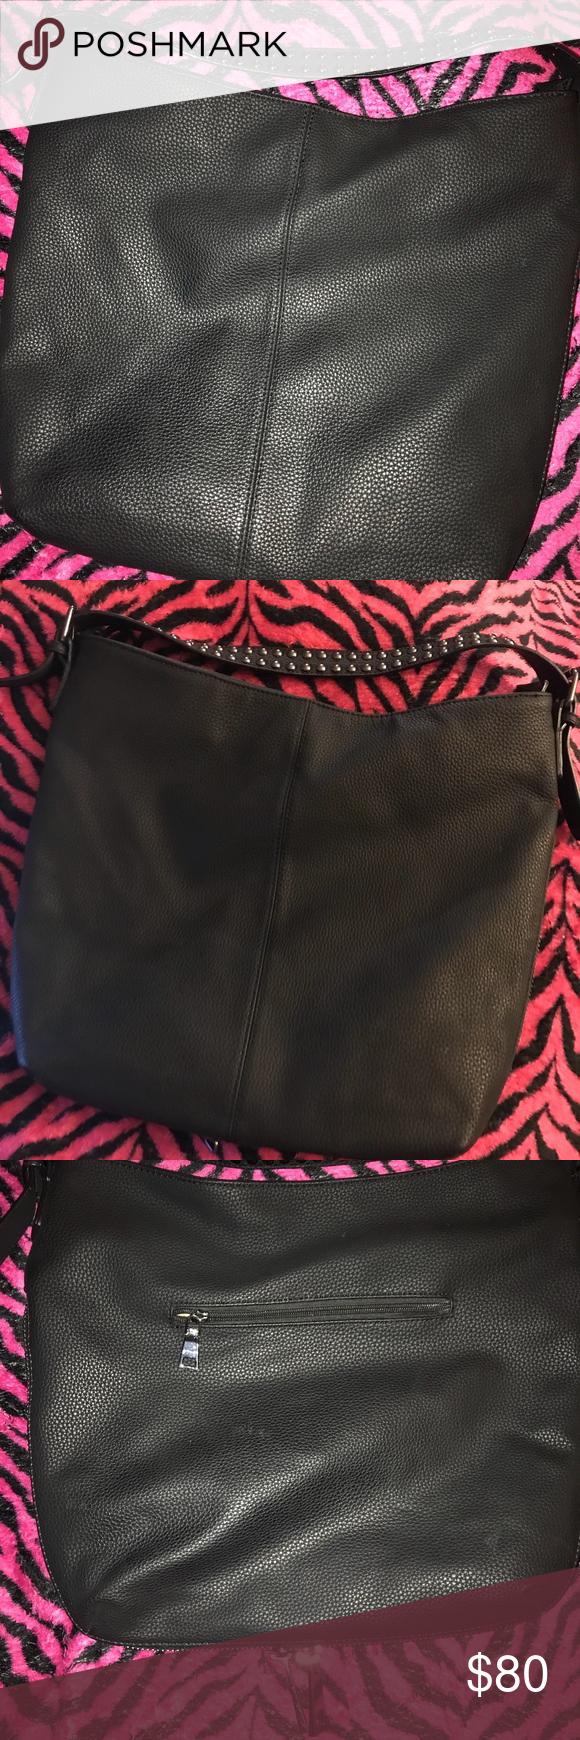 Black Rivet Leather Handbag Wilson's Leather Black Rivet